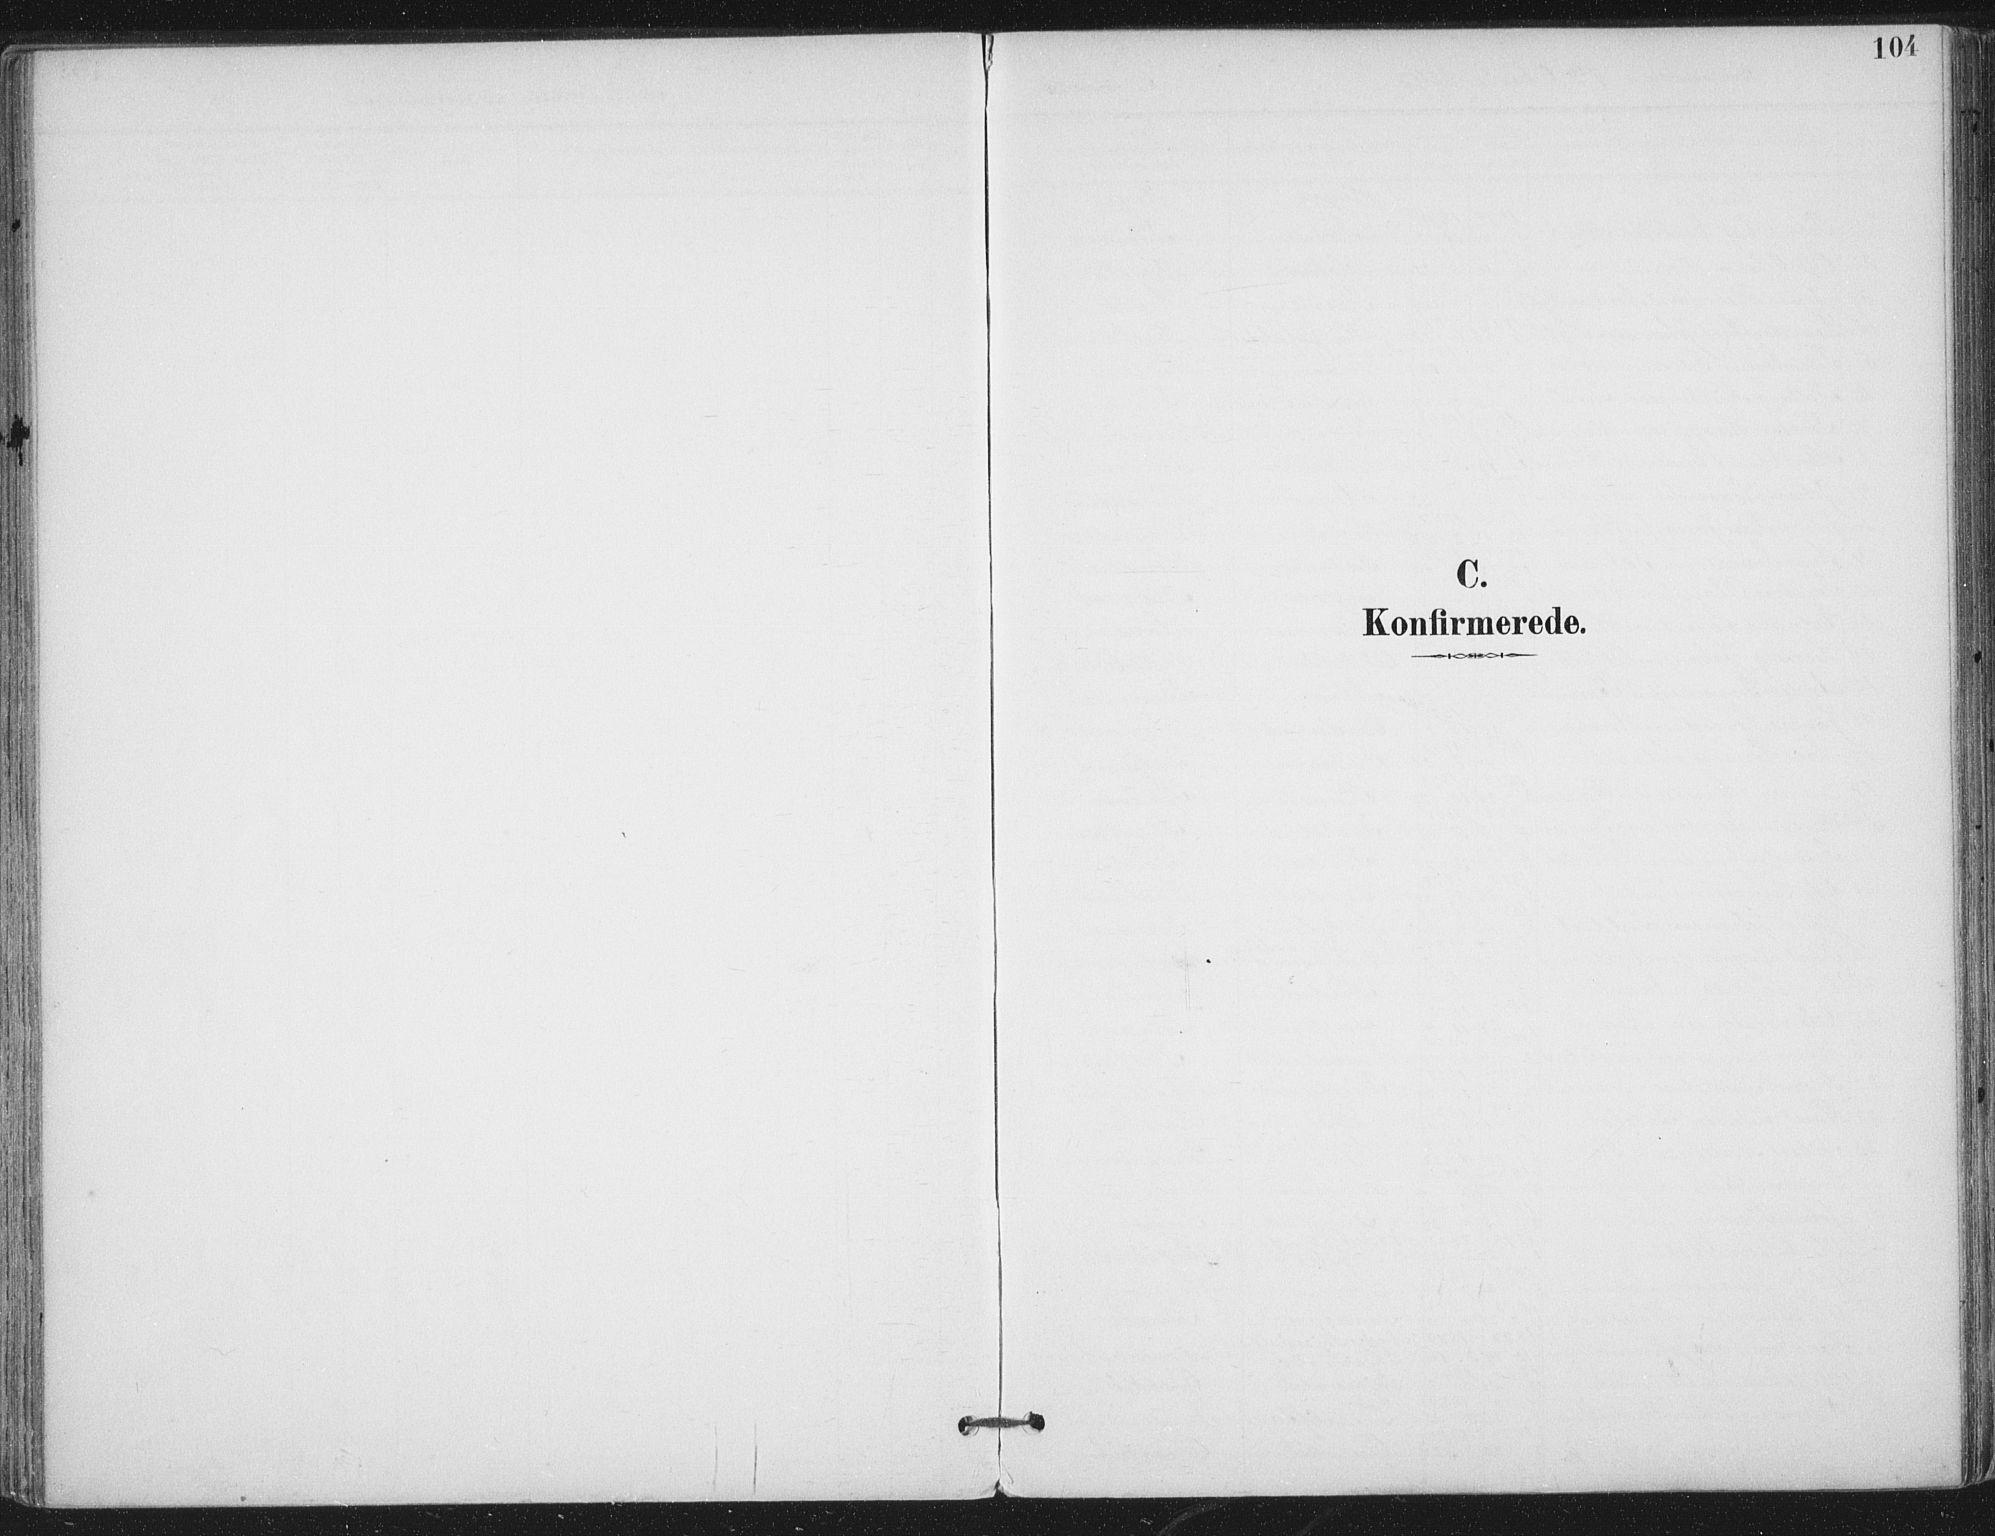 SAT, Ministerialprotokoller, klokkerbøker og fødselsregistre - Nord-Trøndelag, 703/L0031: Ministerialbok nr. 703A04, 1893-1914, s. 104